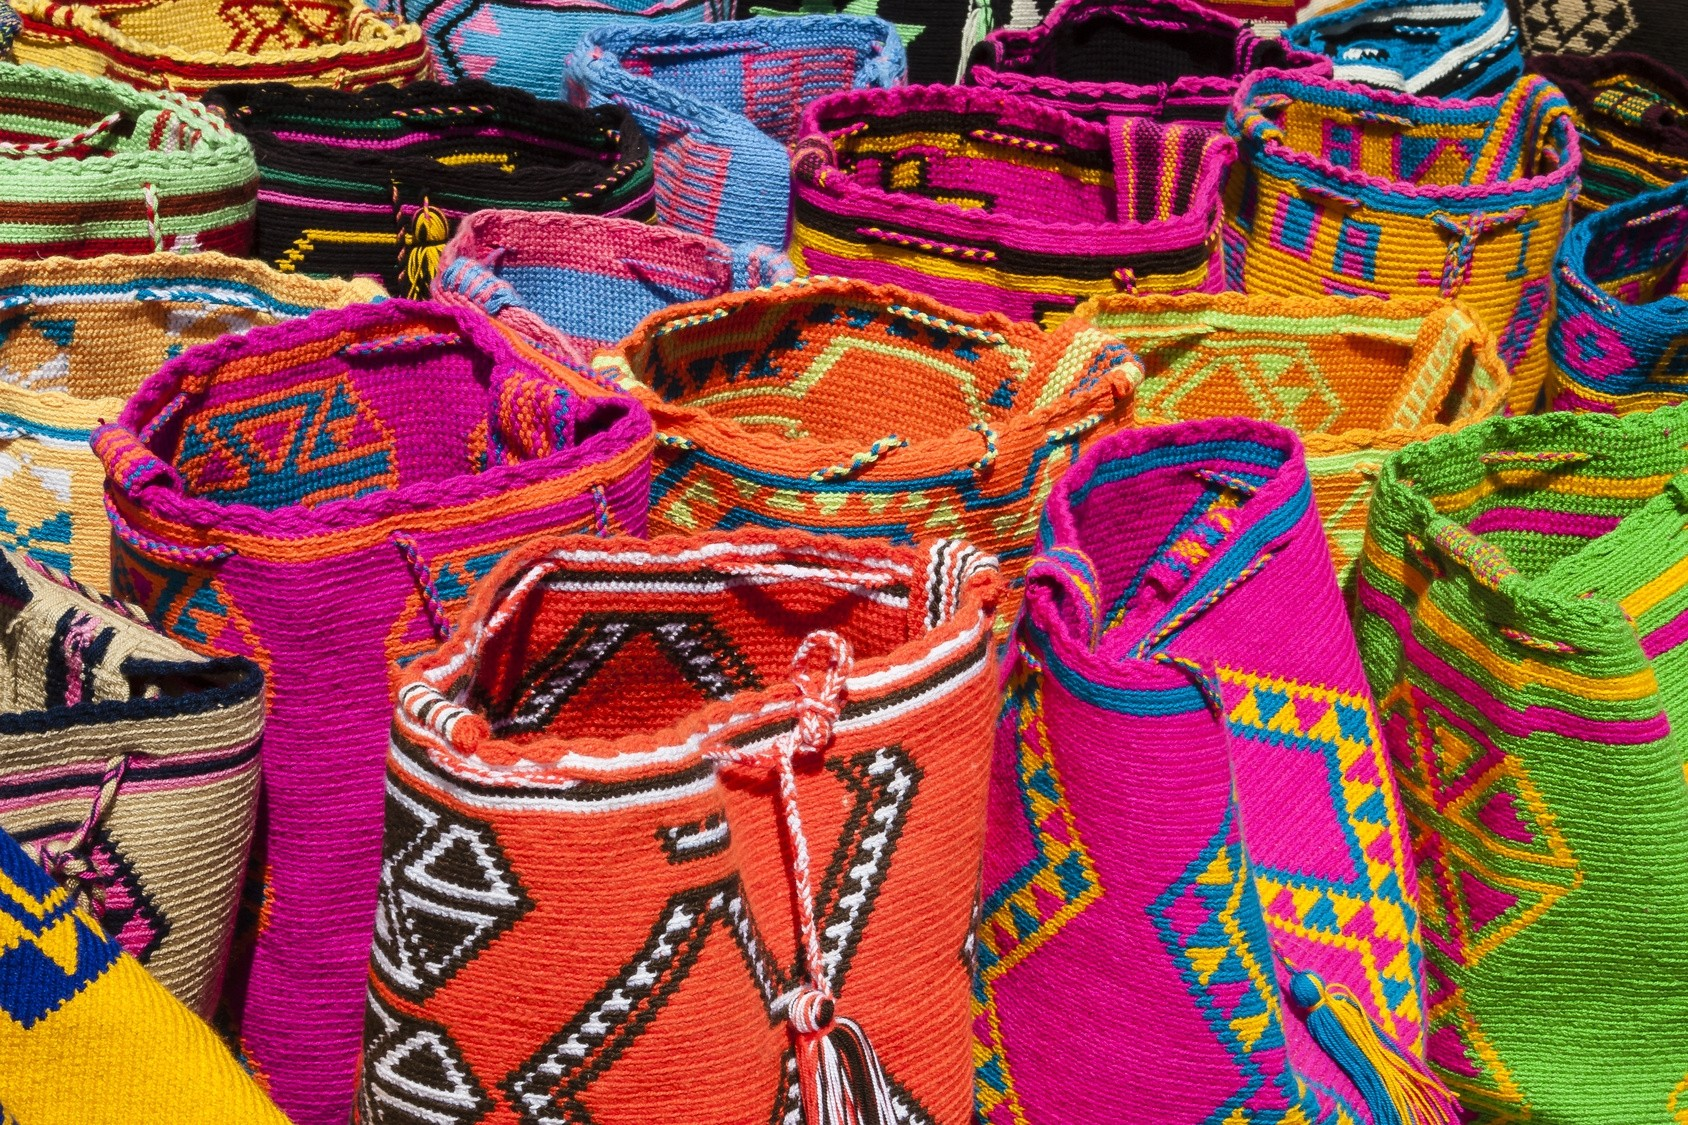 Bunte Märkte überall auf unserer Privatreise durch Kolumbien